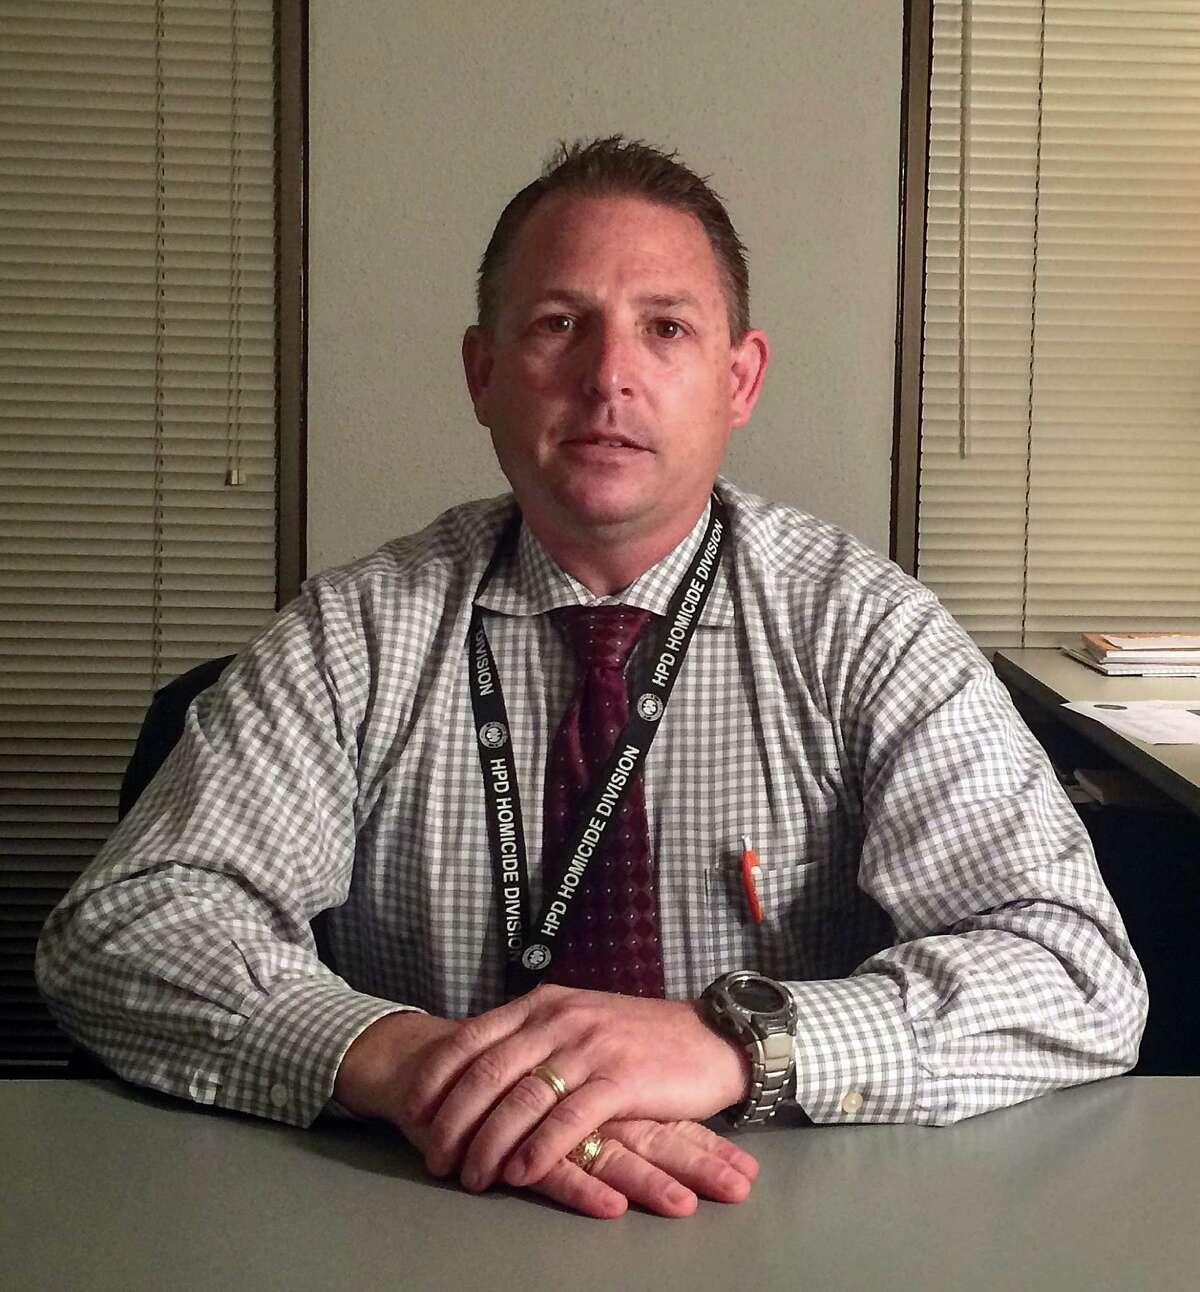 Lt. Warren Meeler oversees